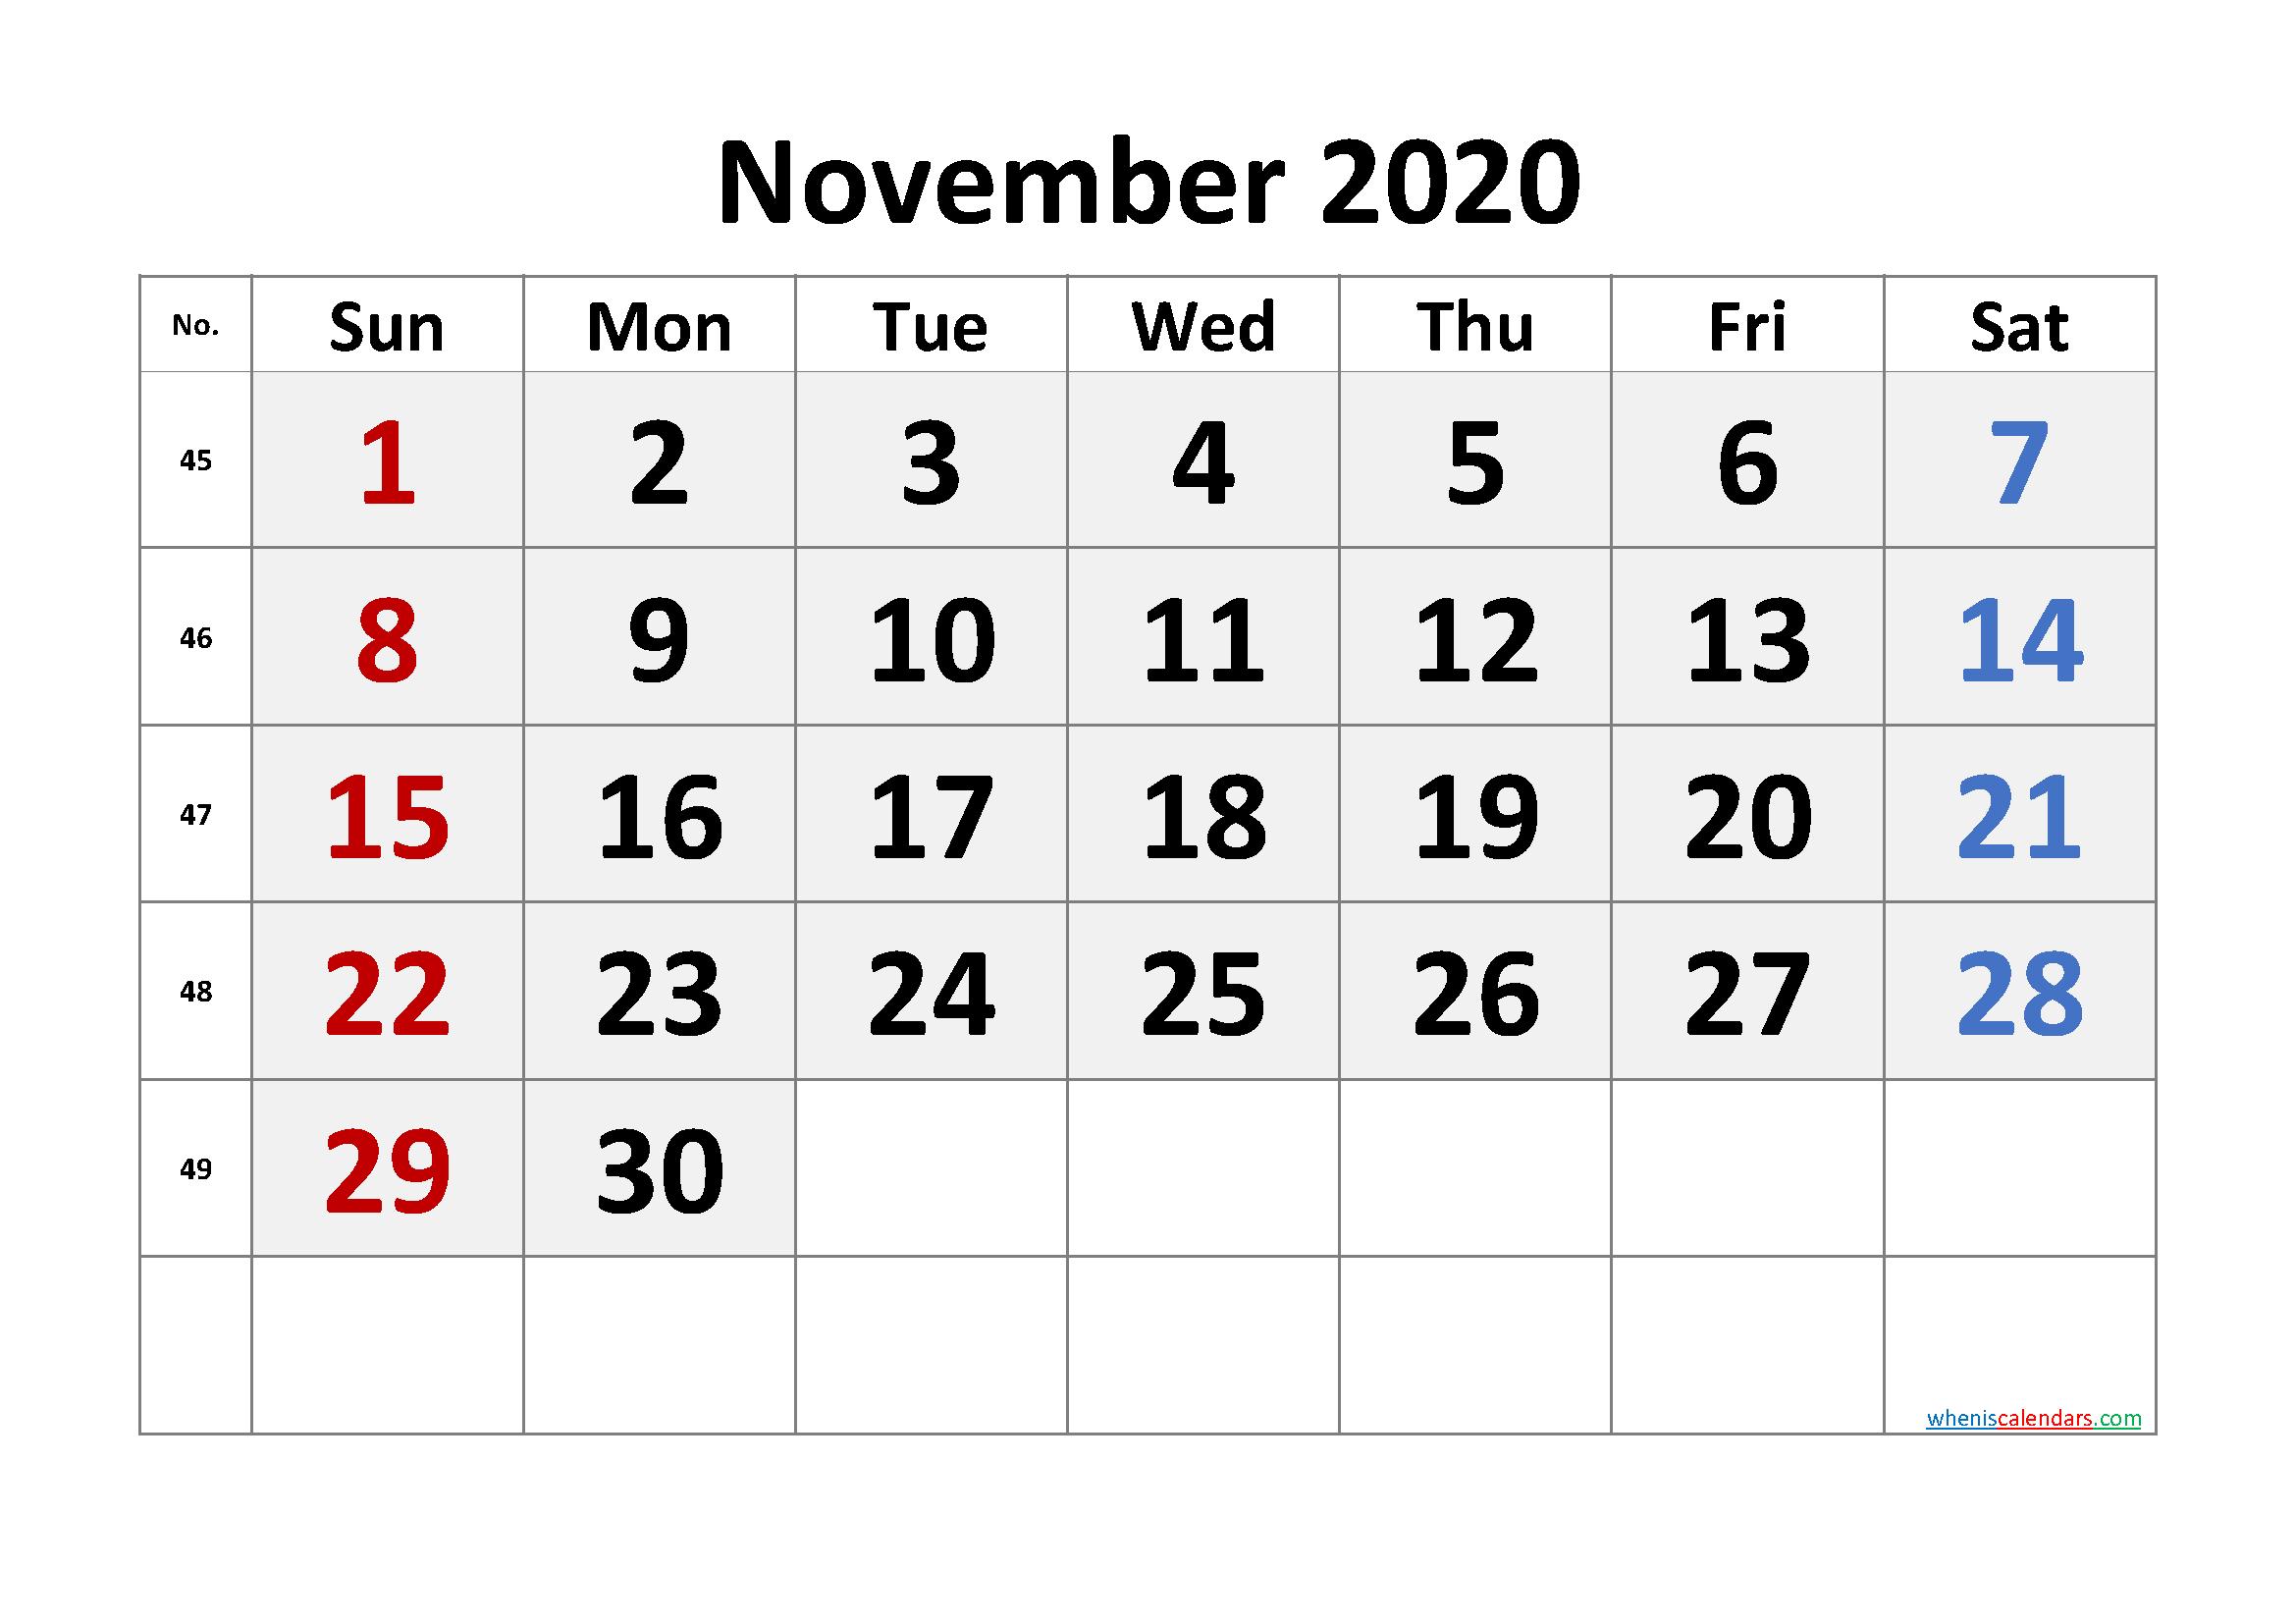 Free Printable November 2020 Calendar with Week Numbers